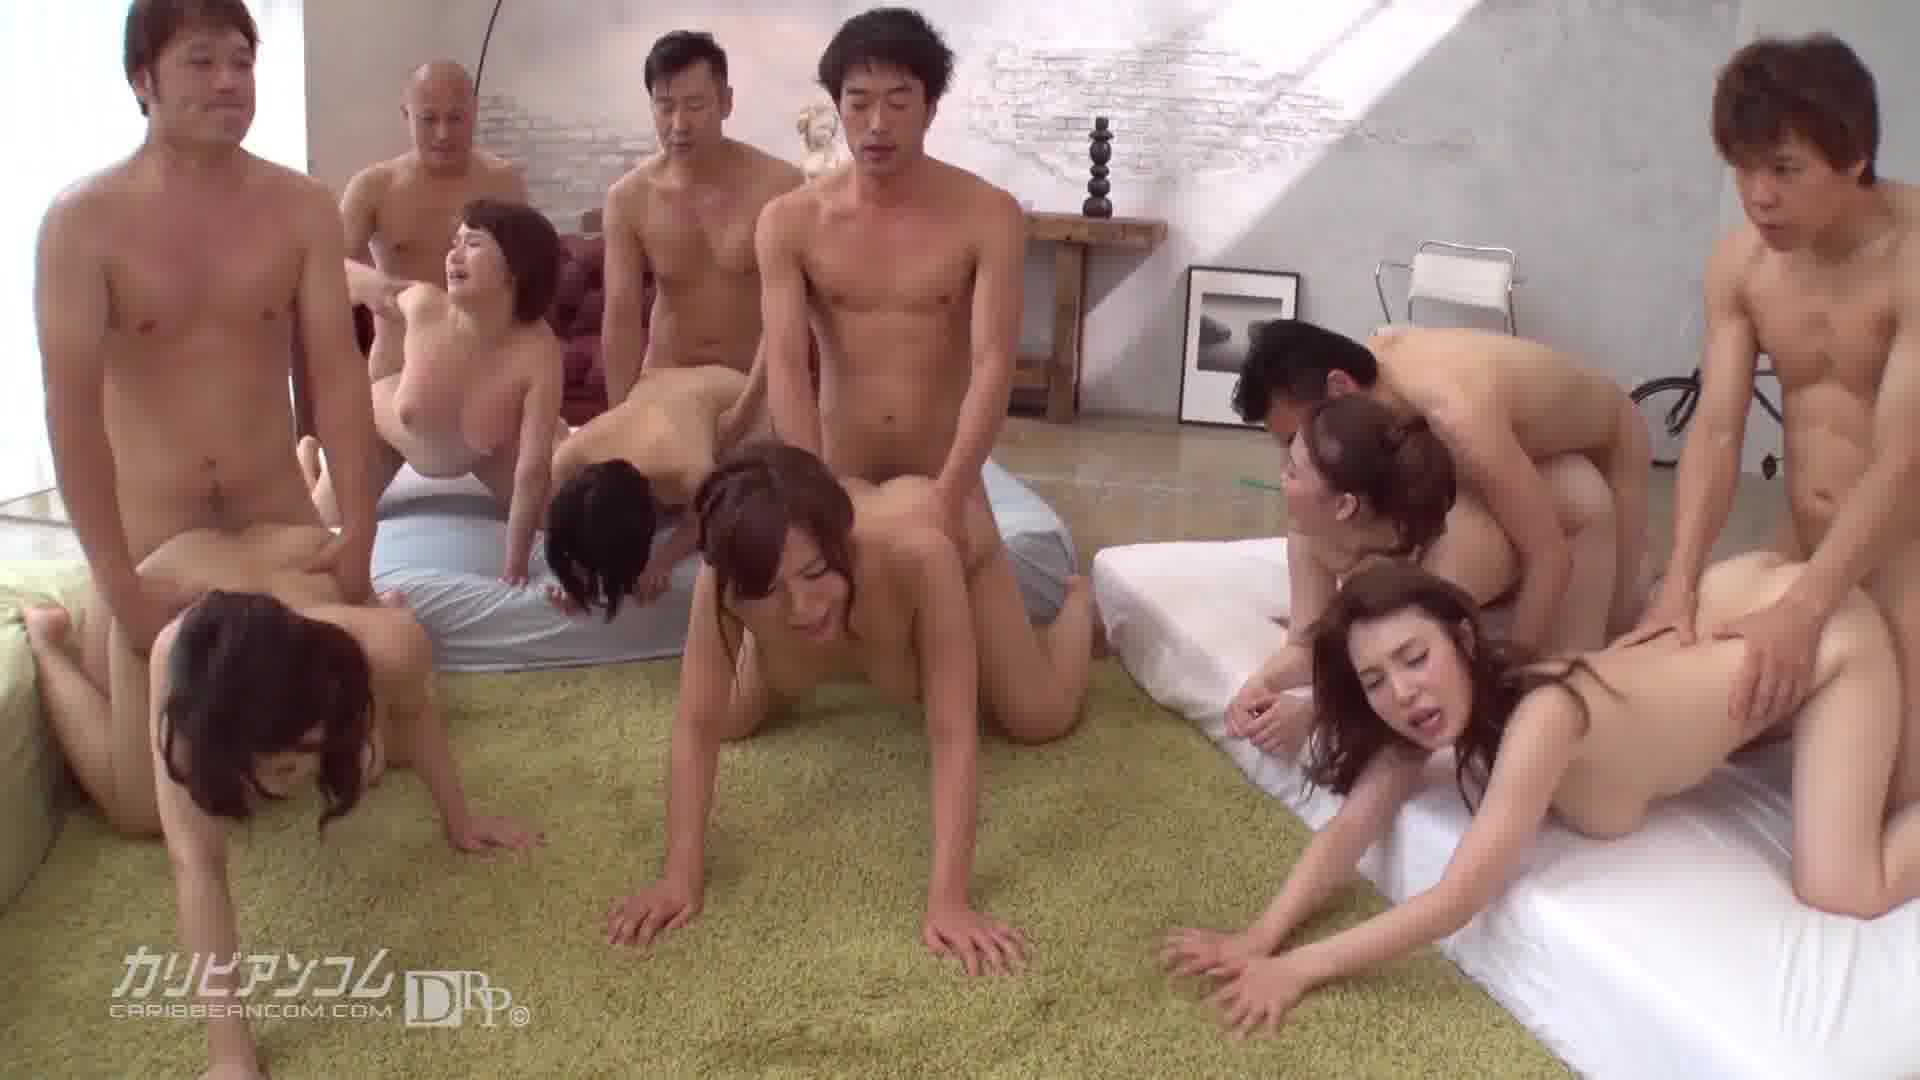 サマーガールズ2016 - 西条沙羅【乱交・水着・パイパン】